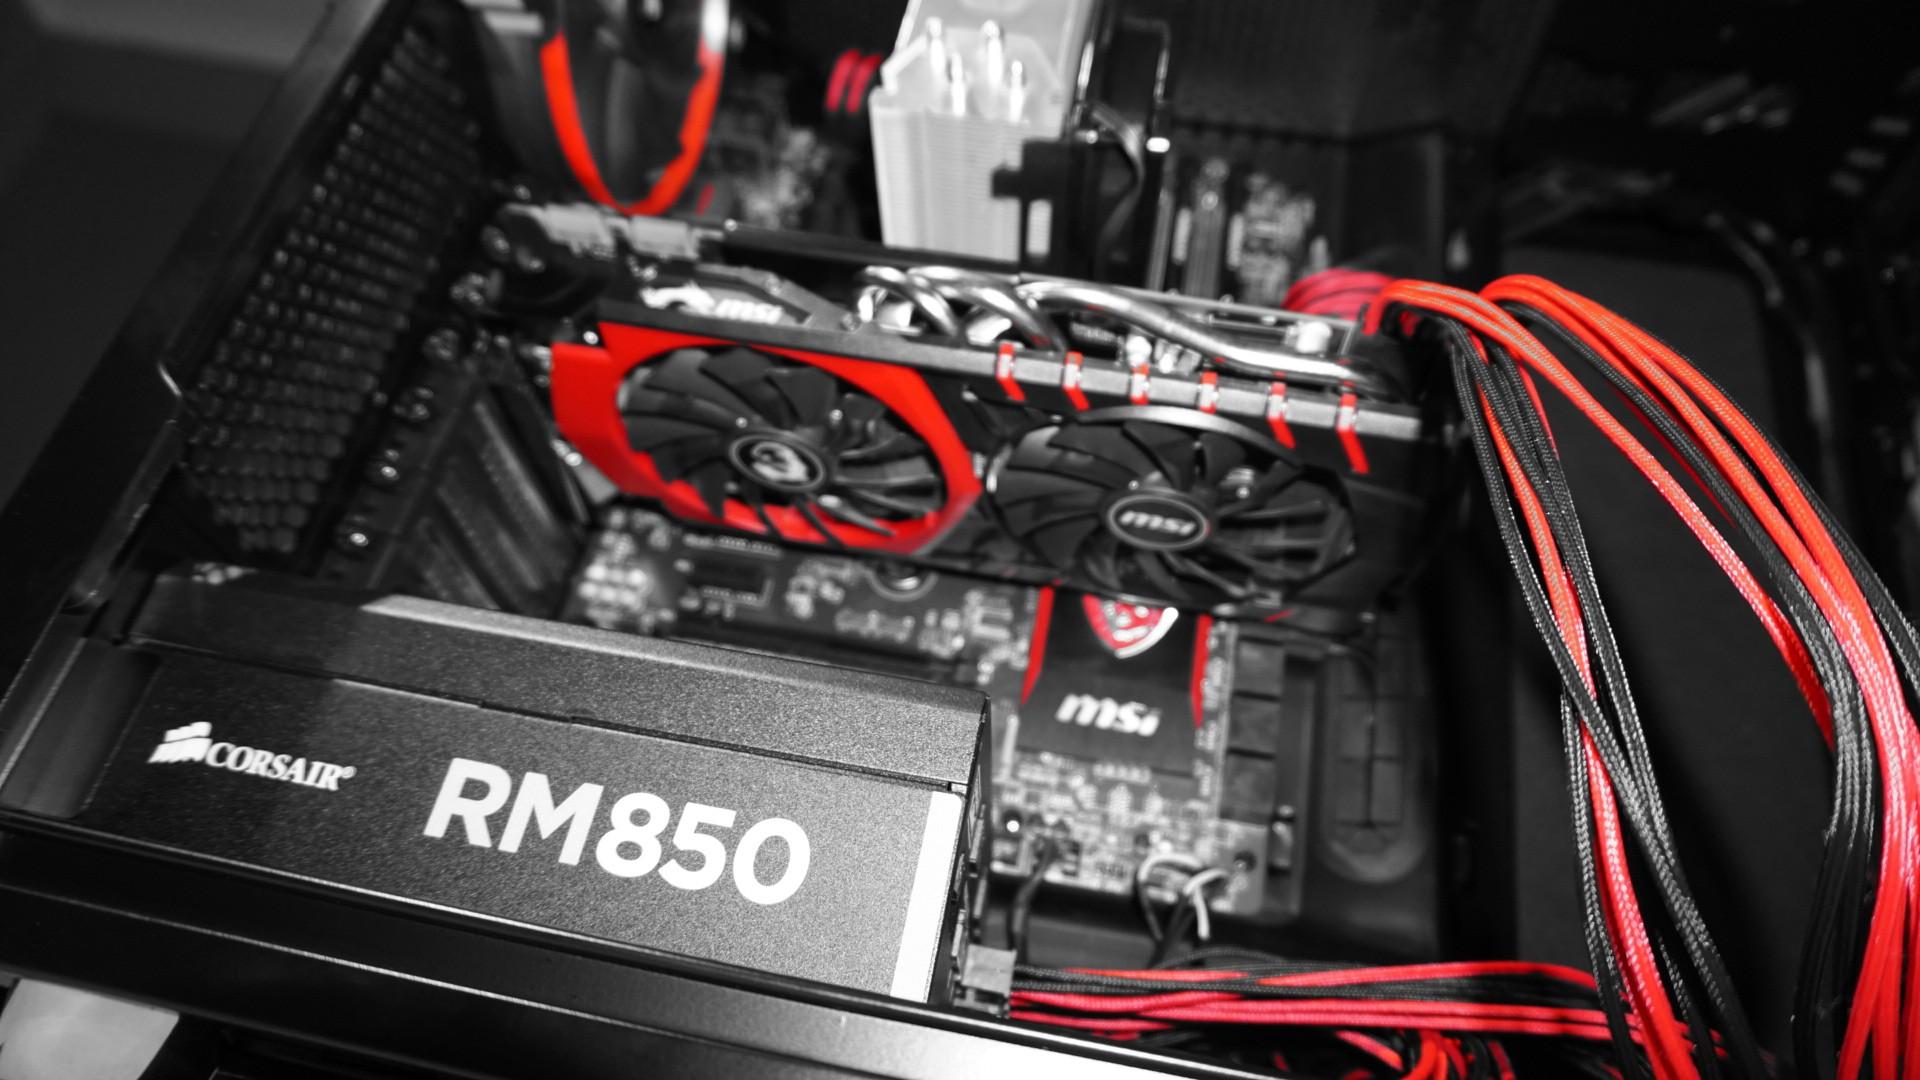 デスクトップ壁紙 車両 技術 Msi Pcゲーム スポーツカー 海賊 エンジン Gtx980